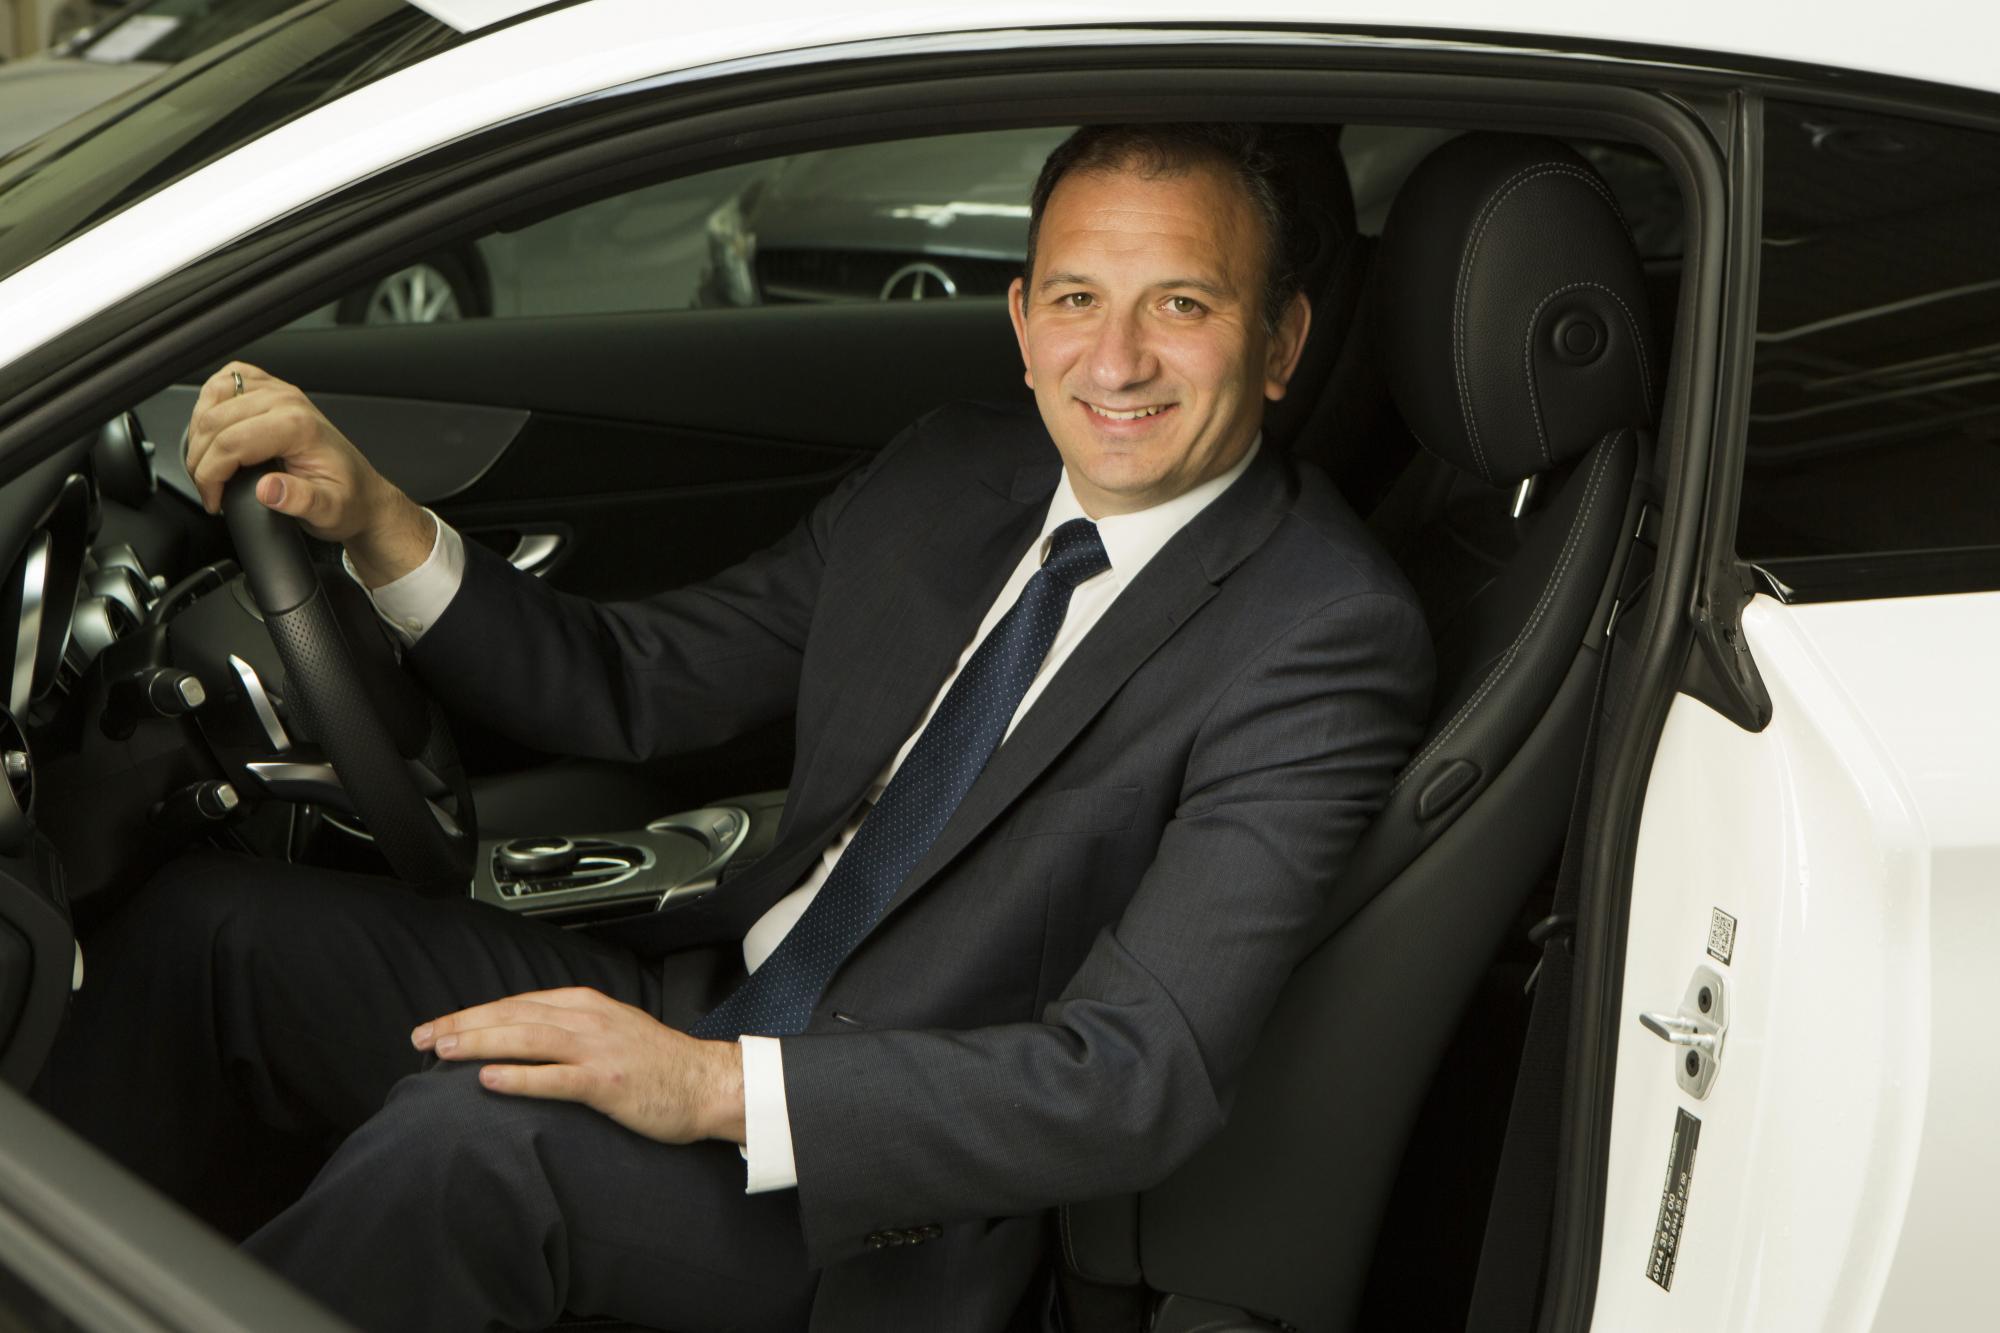 Αποχώρηση του Γενικού Διευθυντή Επιβατηγών Αυτοκινήτων της Mercedes-Benz Ελλάς